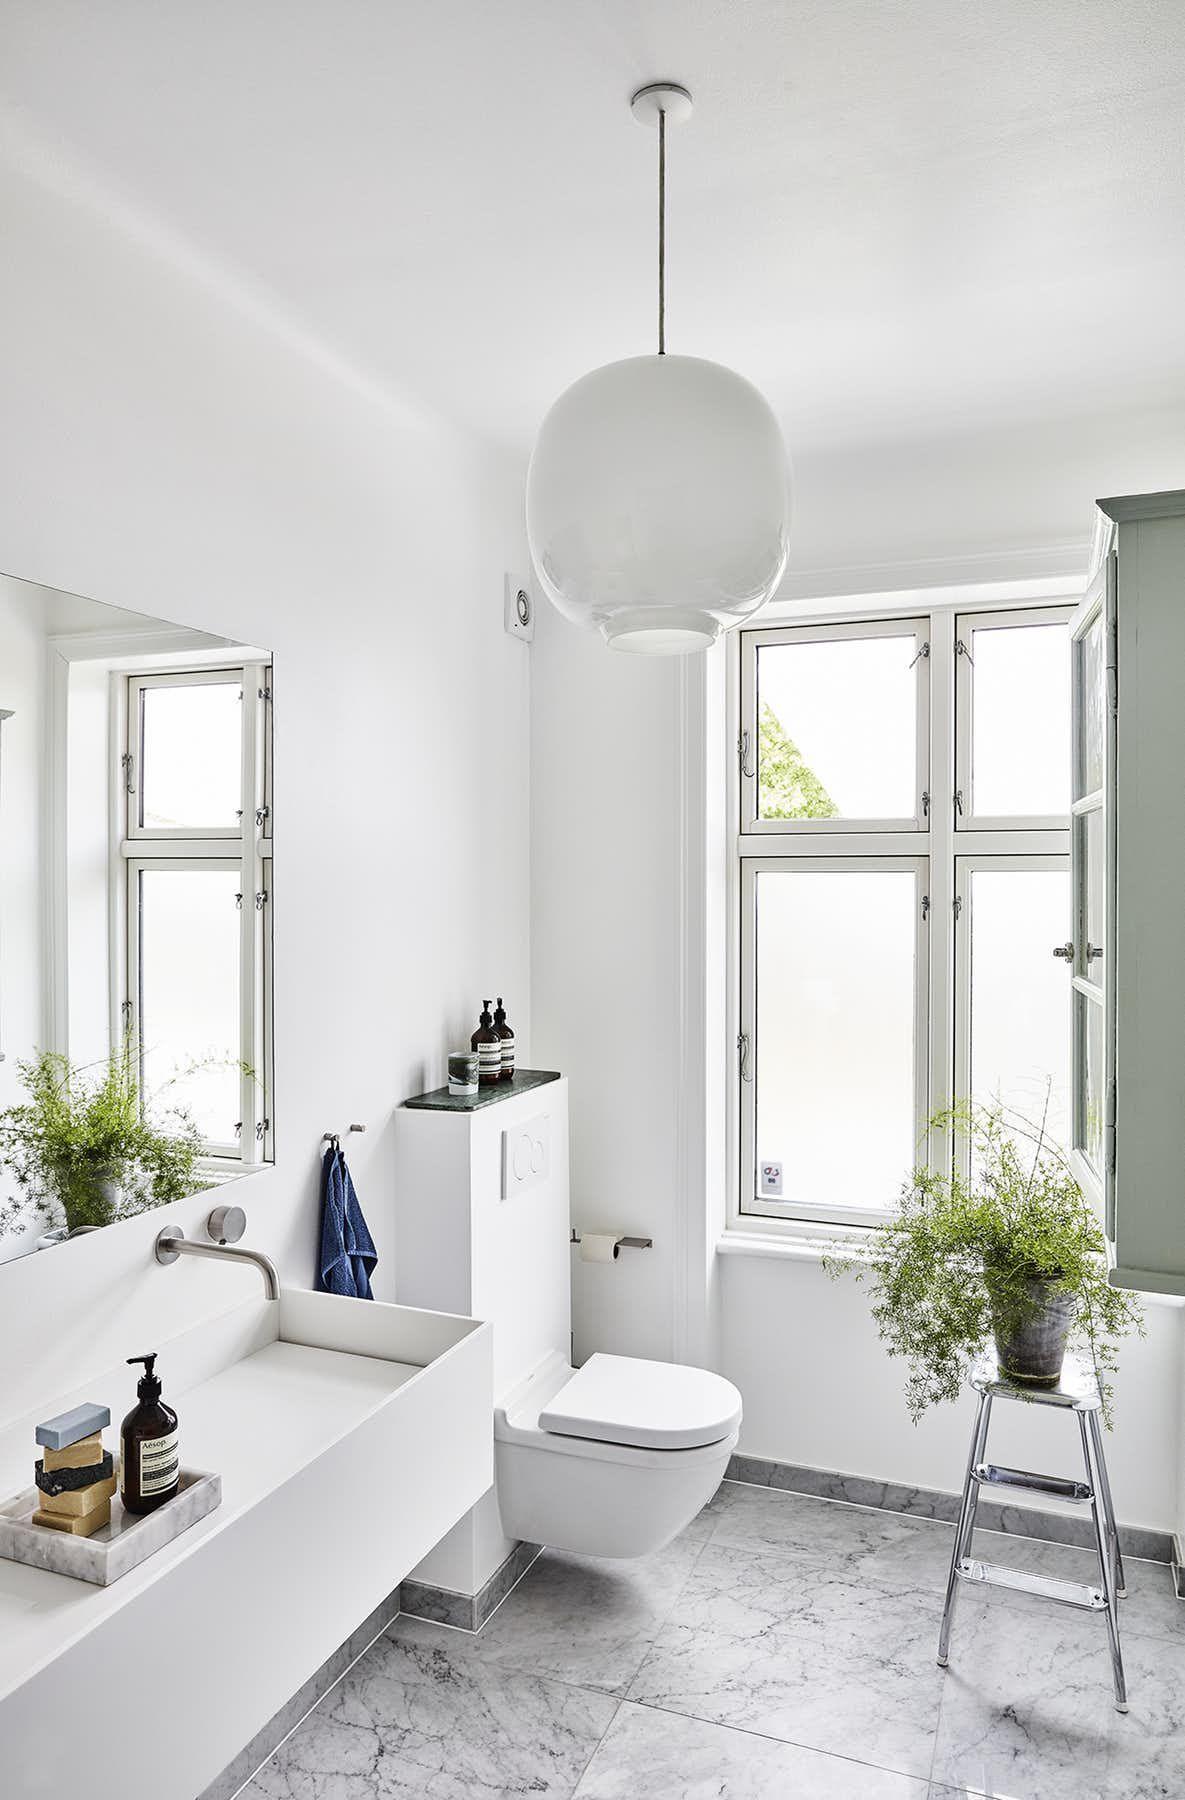 En Herskabelig Villa Med Moderne Interior Ideer Boligindretning Hjem Indretning Sovevaerelse Billig Boligindretning